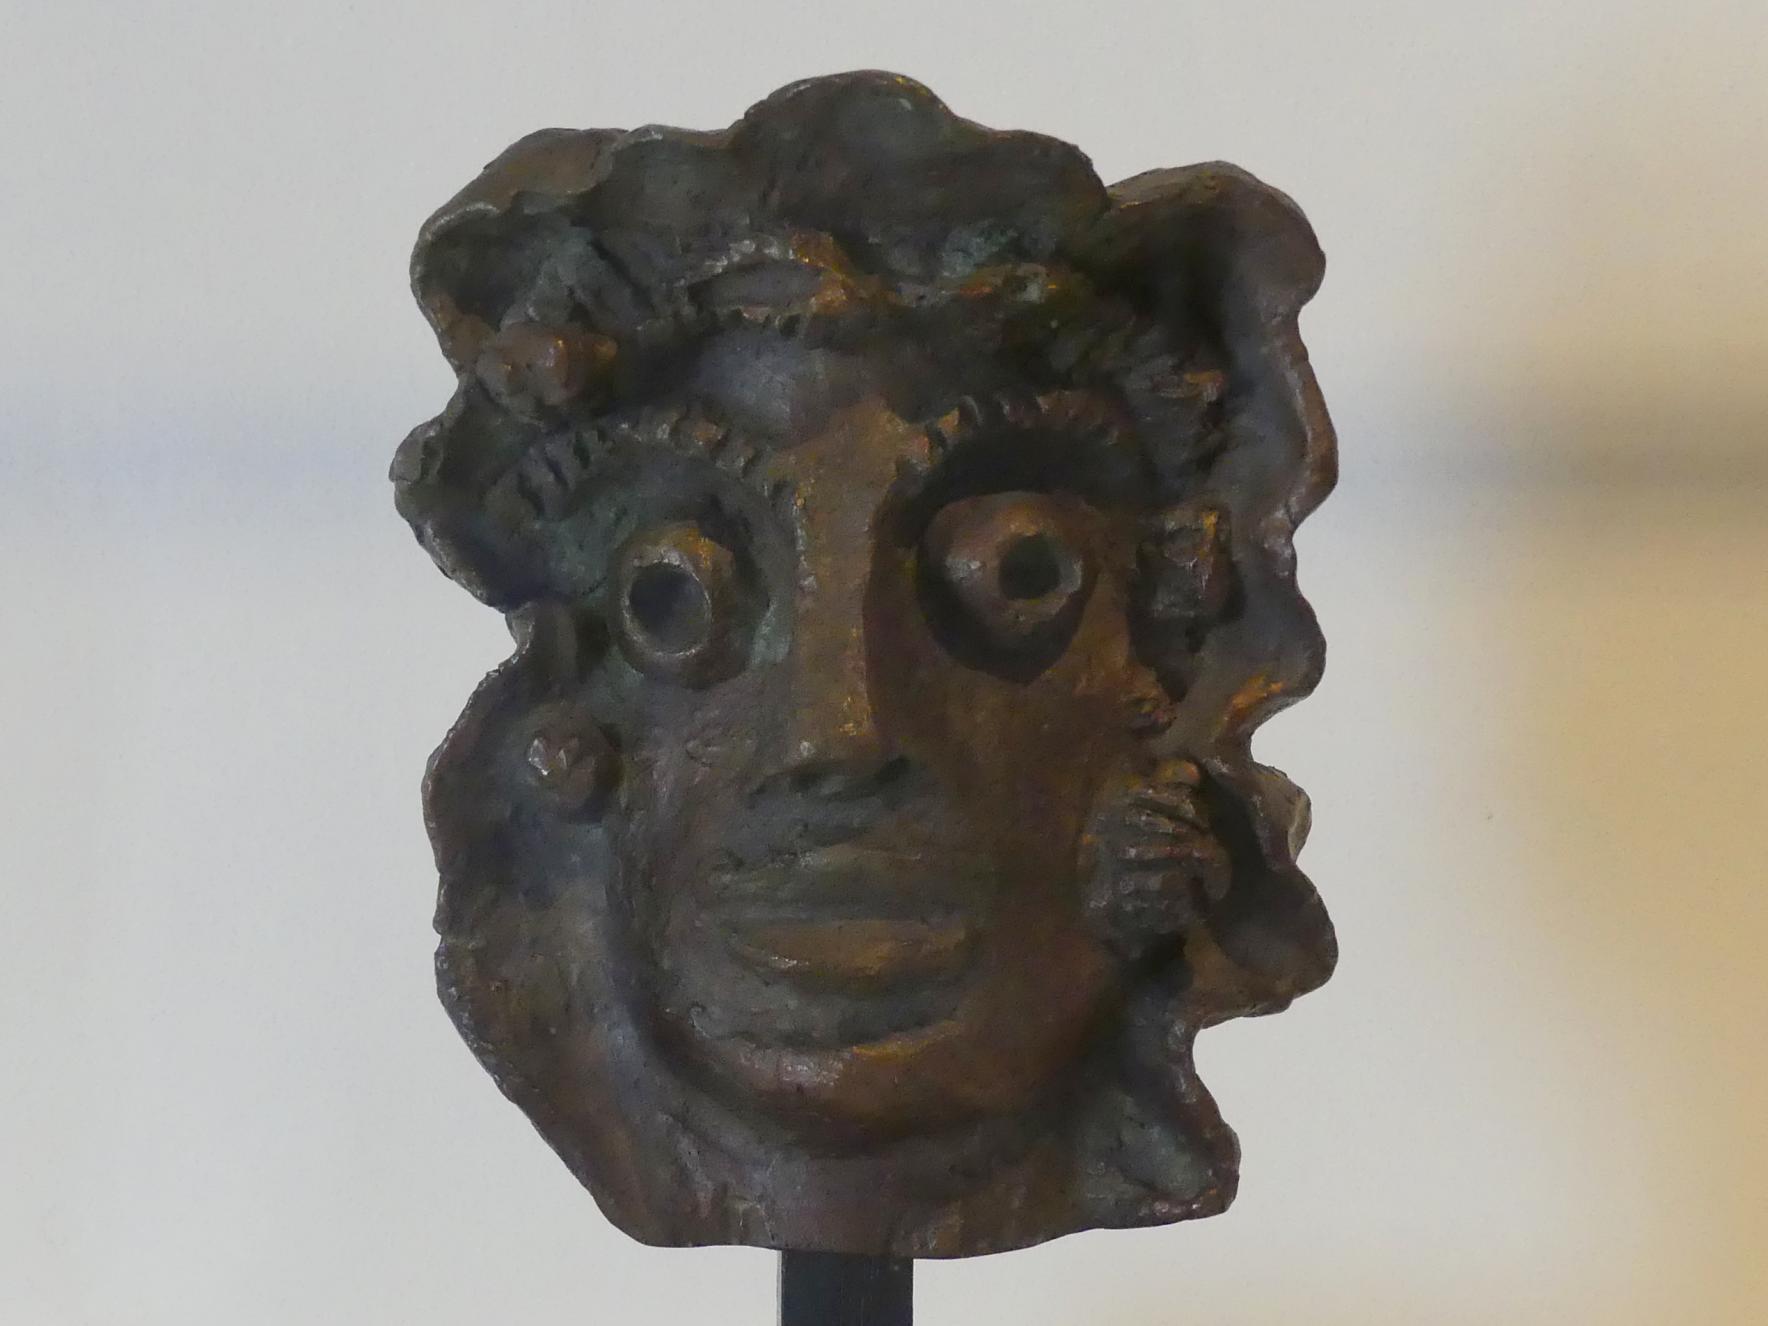 André Derain: Frau mit einer Locke, 1938 - 1950